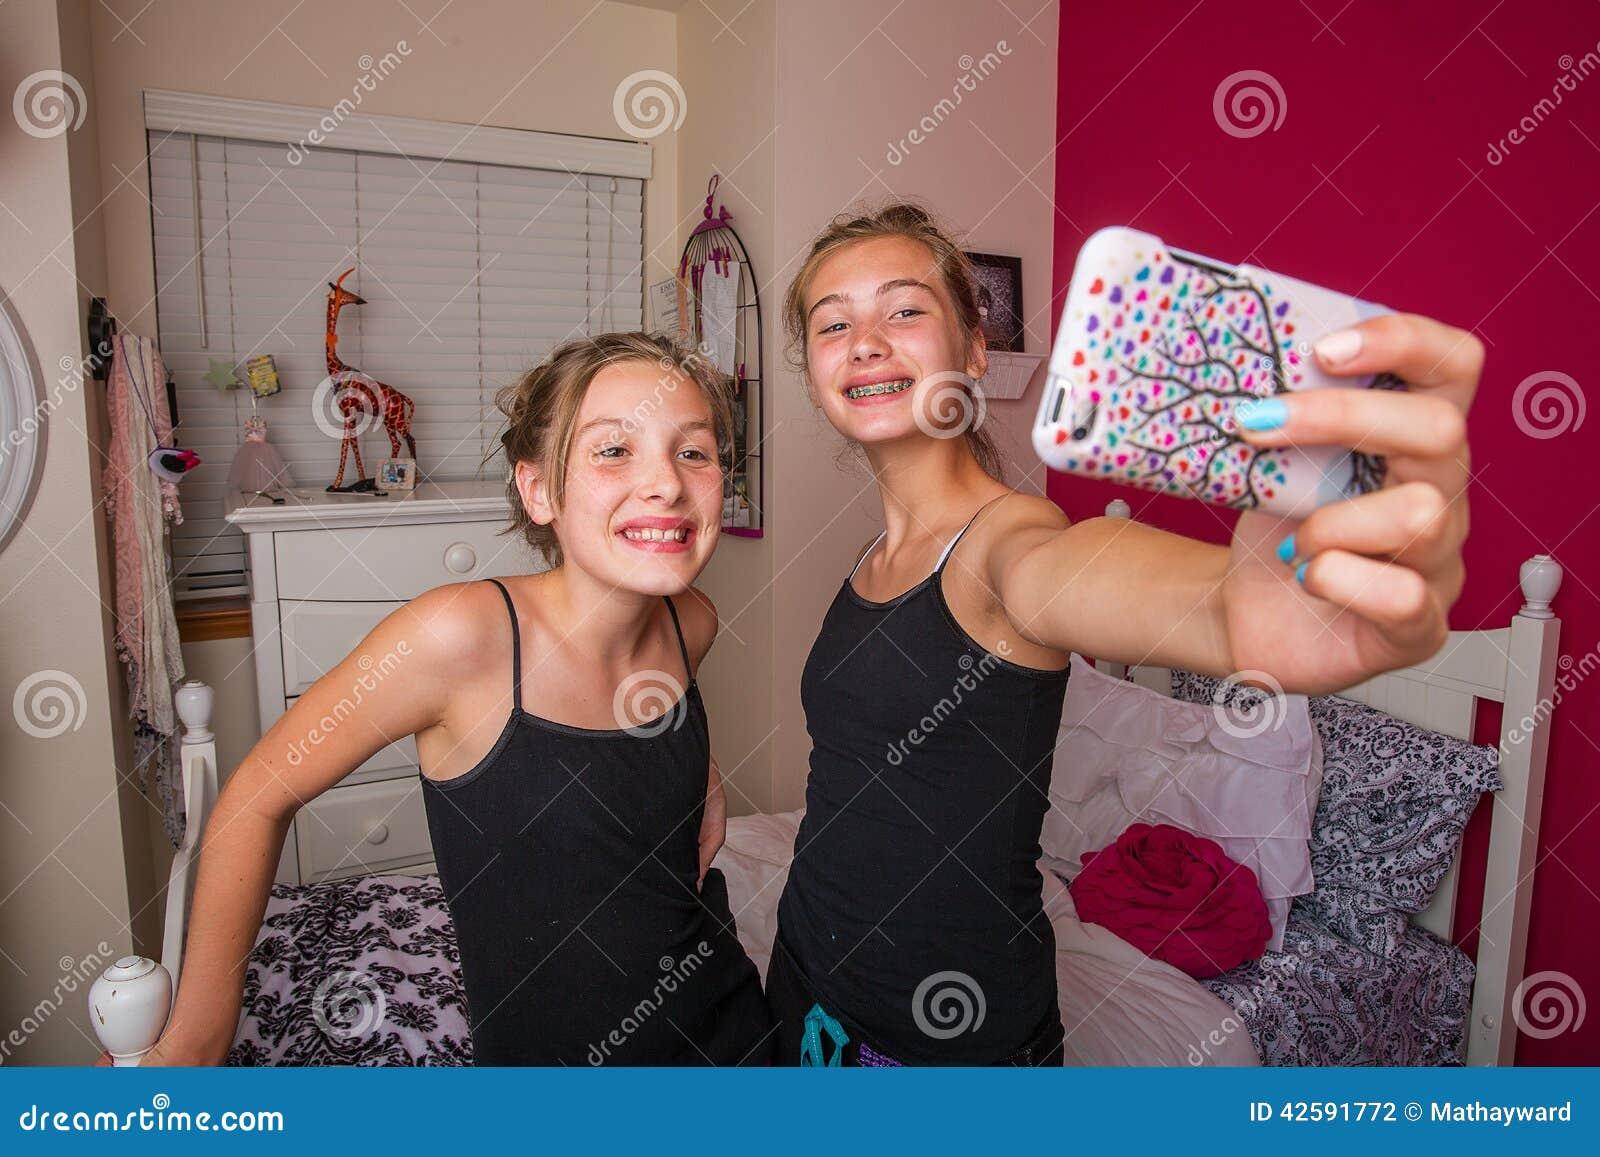 Peinliche Selfies 18+